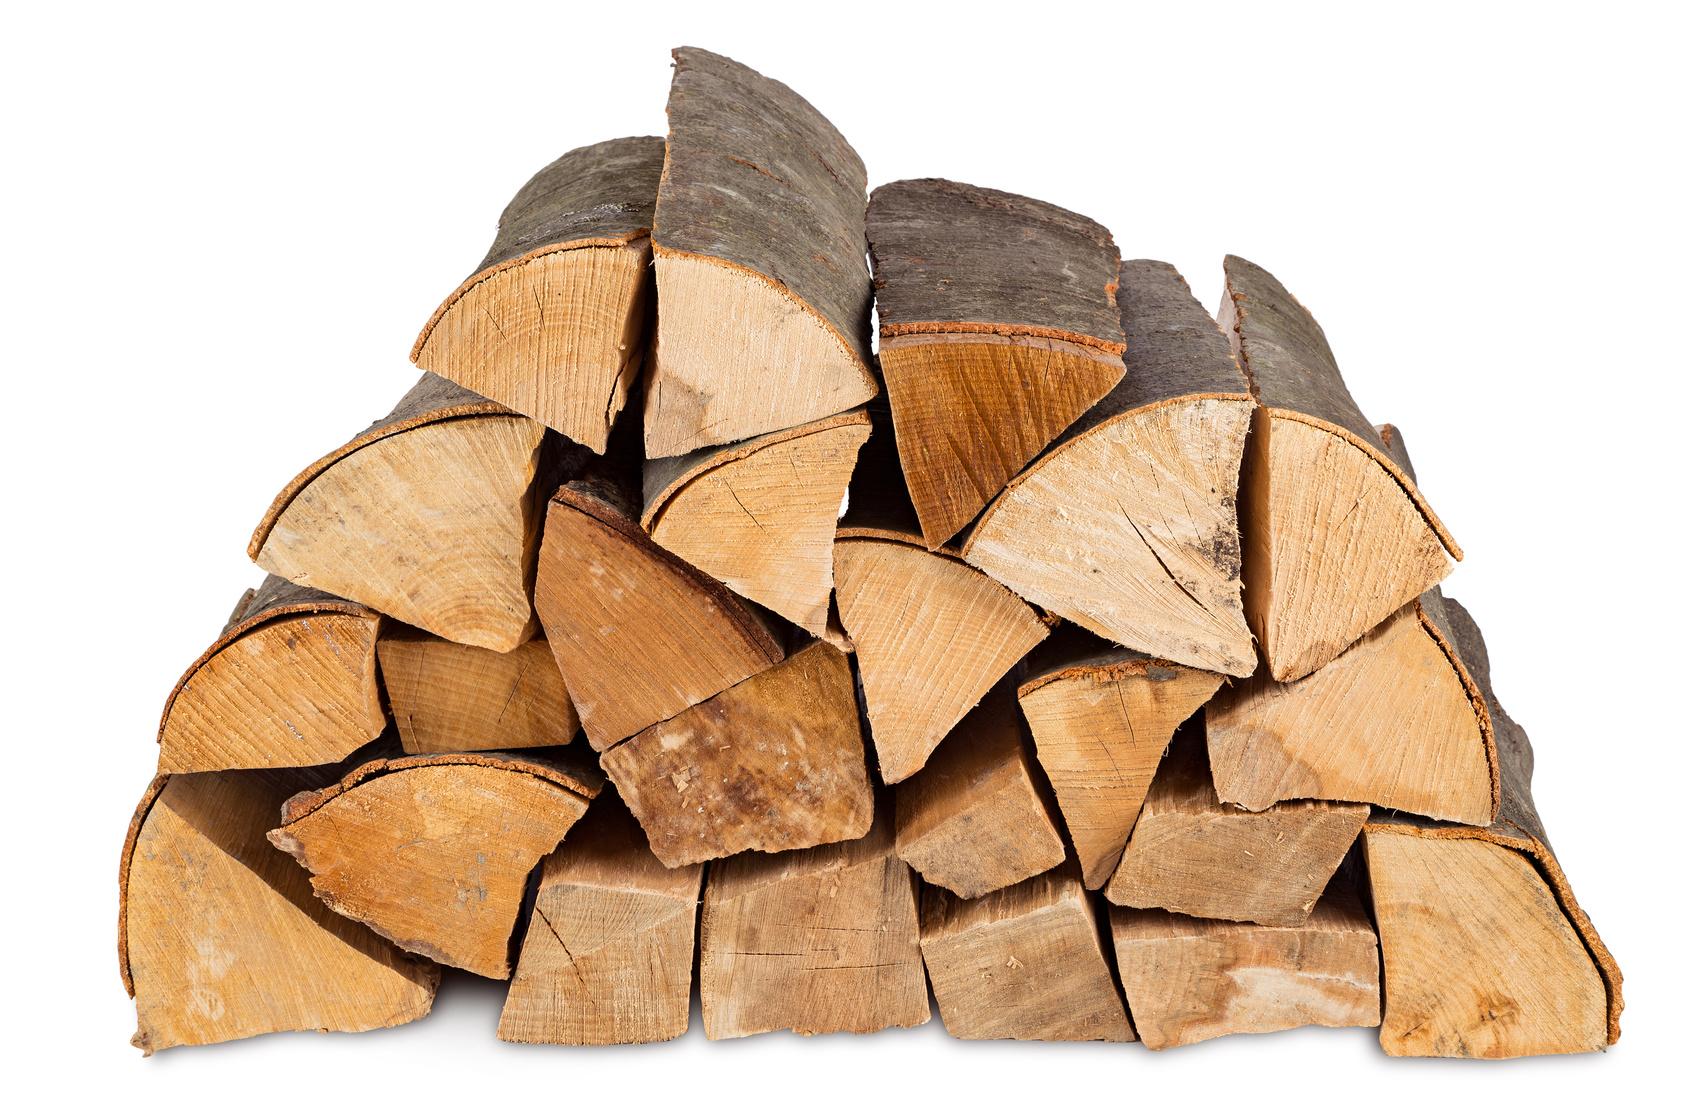 10 Kilogramm KG Premium 25 cm lang getrocknet Kaminholz Brennholz Feuerholz im Karton verpackt, 100%